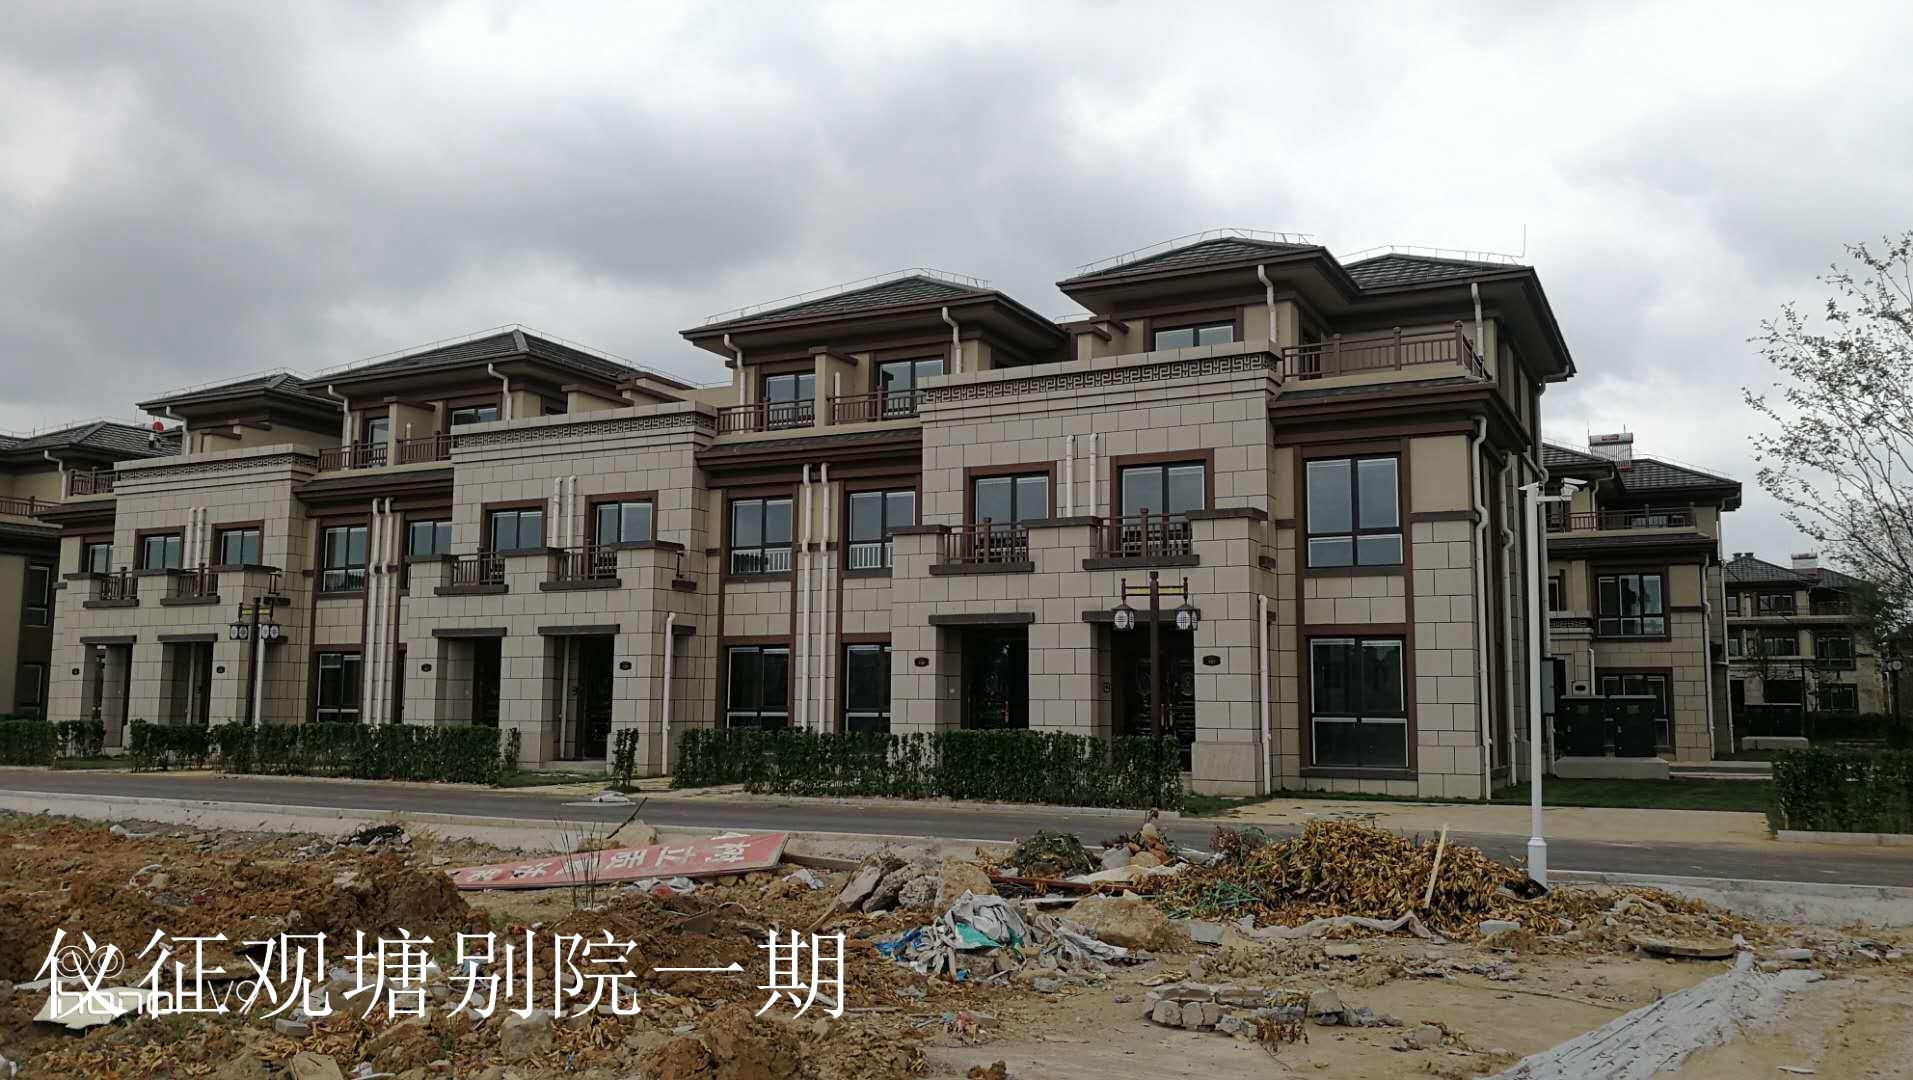 扬州三山装饰工程有限公司观塘别院一期